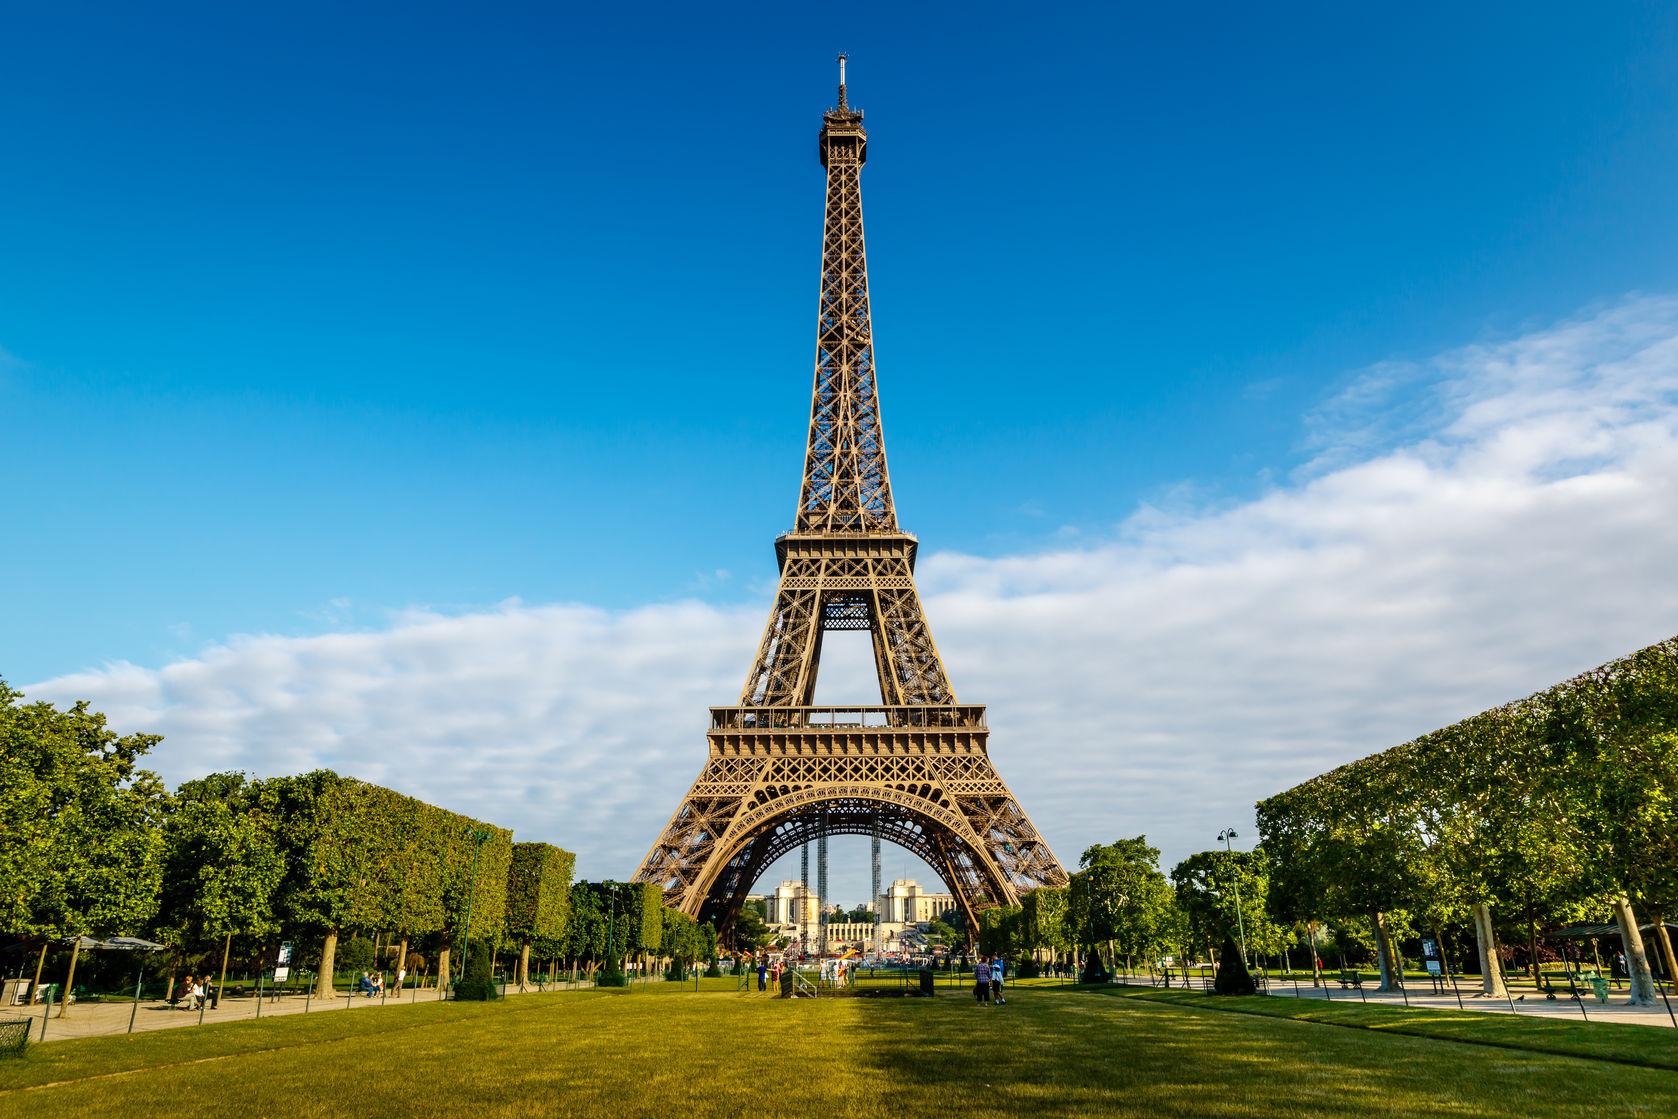 Réplica de Torre Eiffel en Sabaneta genera polémica en redes sociales